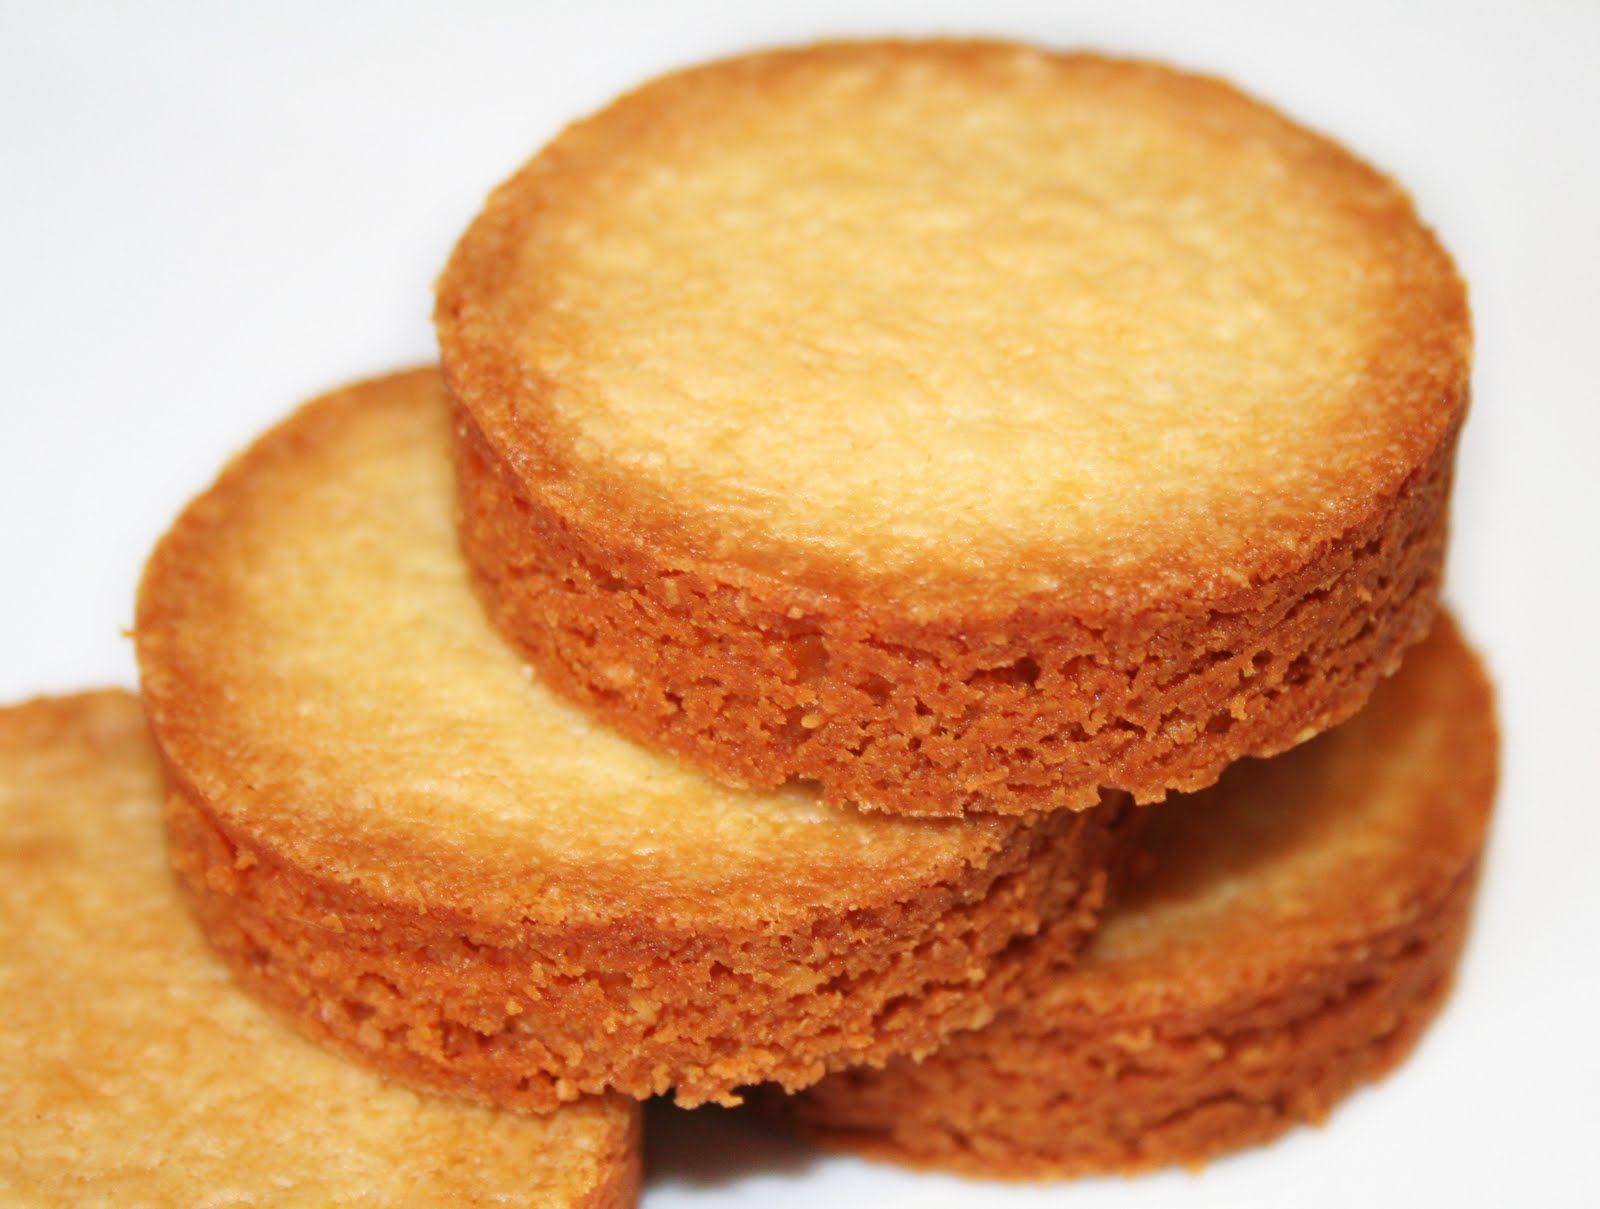 la cuisine de bernard: les palets aux amandes | biscuits